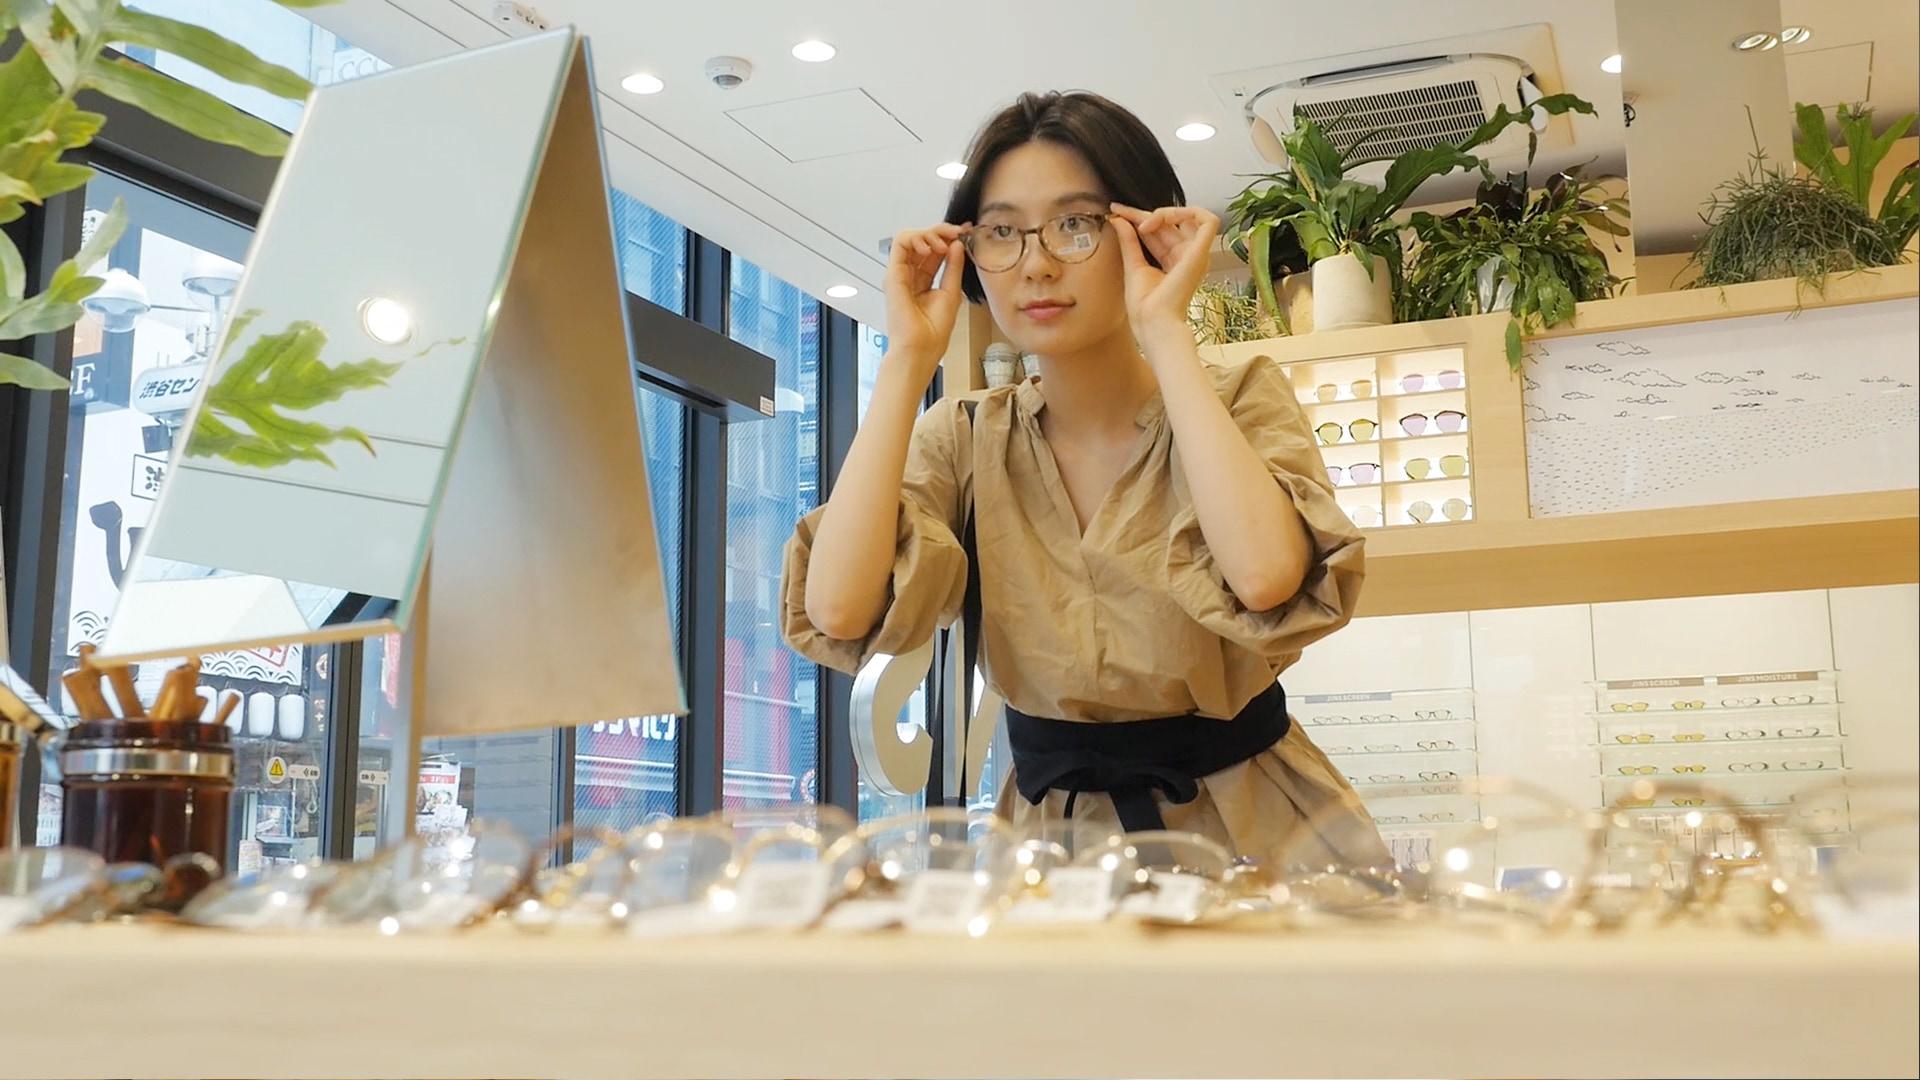 【プレゼントも実施!】JINS渋谷店で「ちゃんと見える」おしゃれメガネを探そう